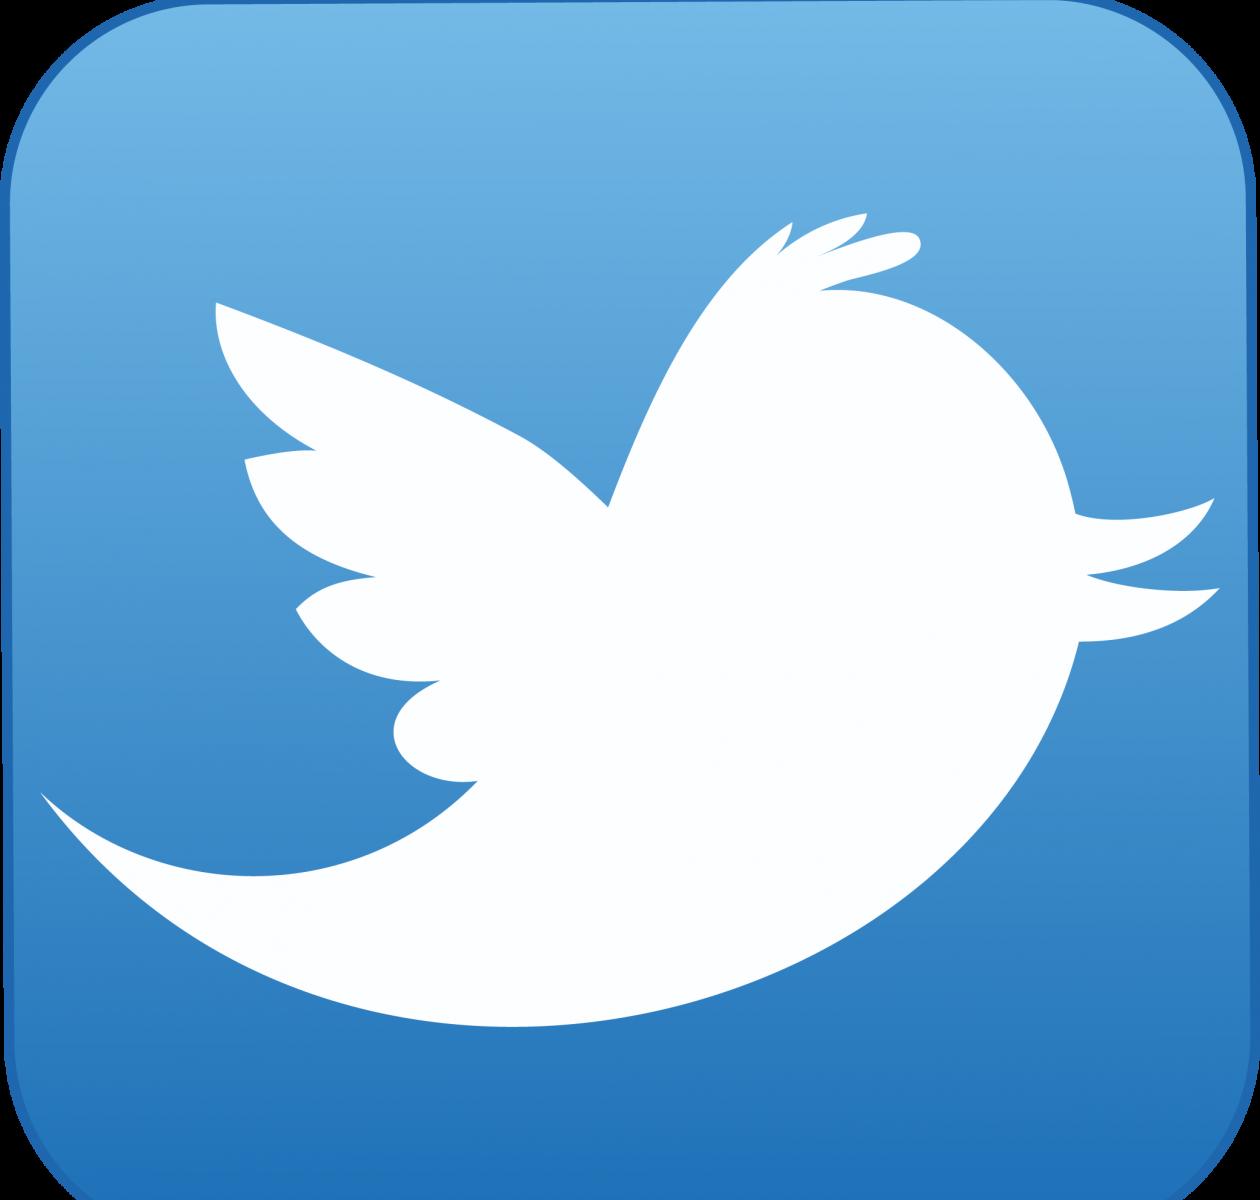 Вмобильных приложениях Твиттер появились изменения